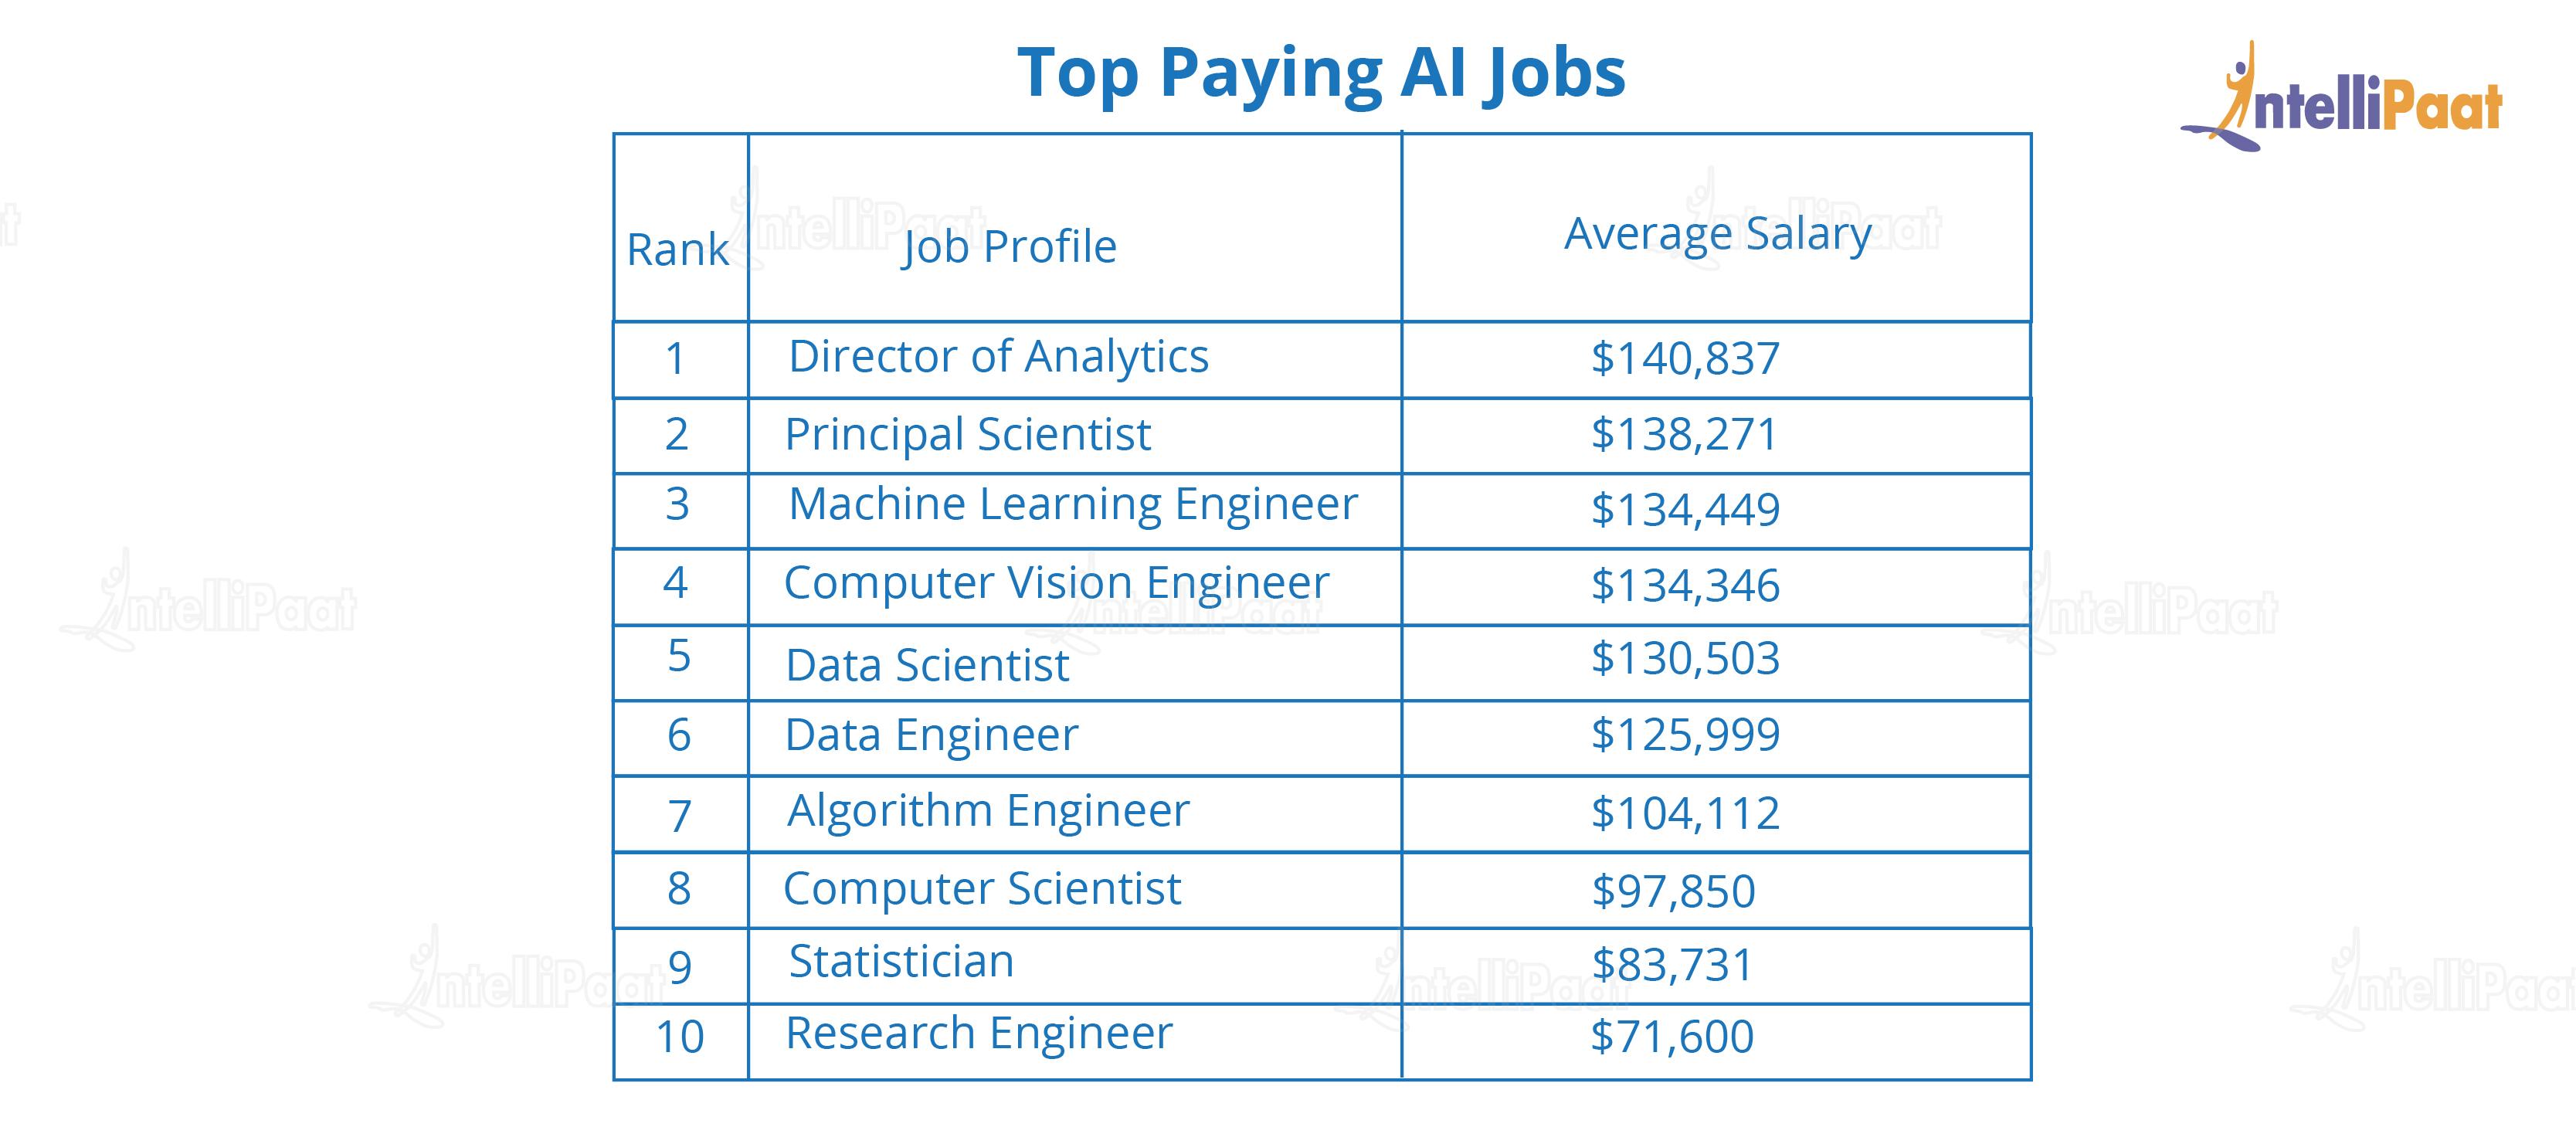 Top Paying AI Jobs